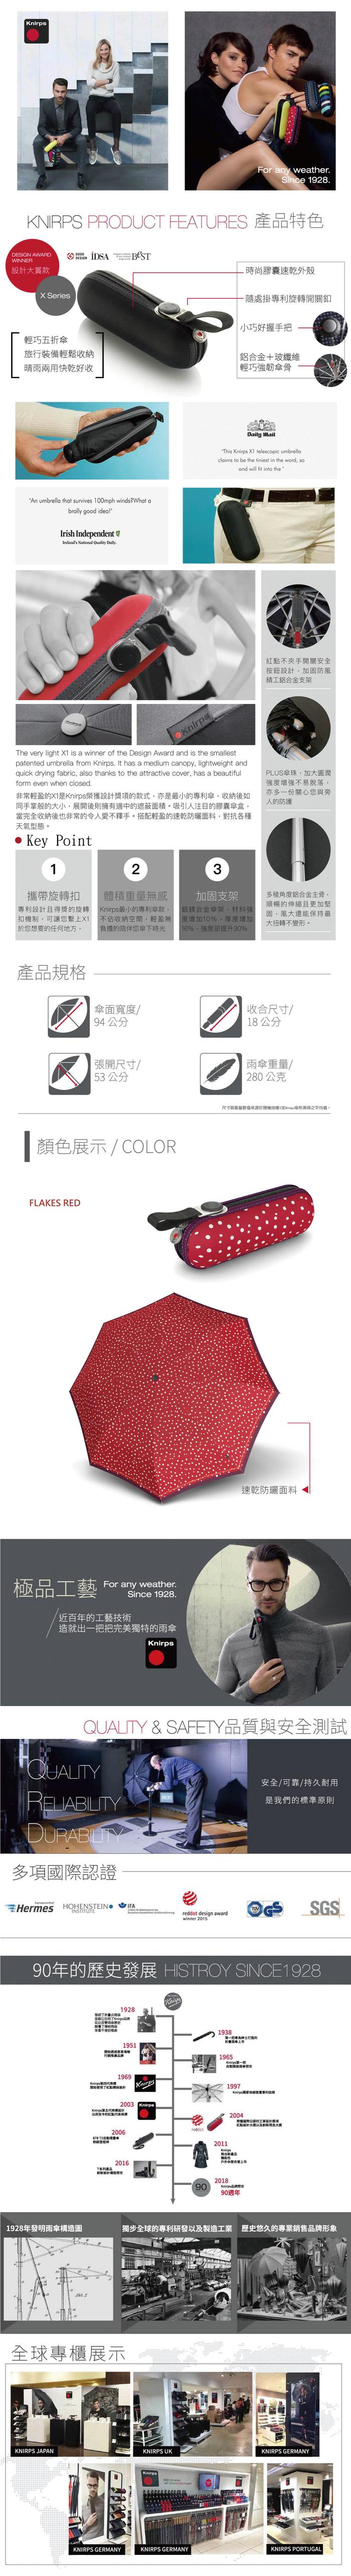 (複製)Knirps德國紅點傘 X1 膠囊五折傘-NUNO Drip